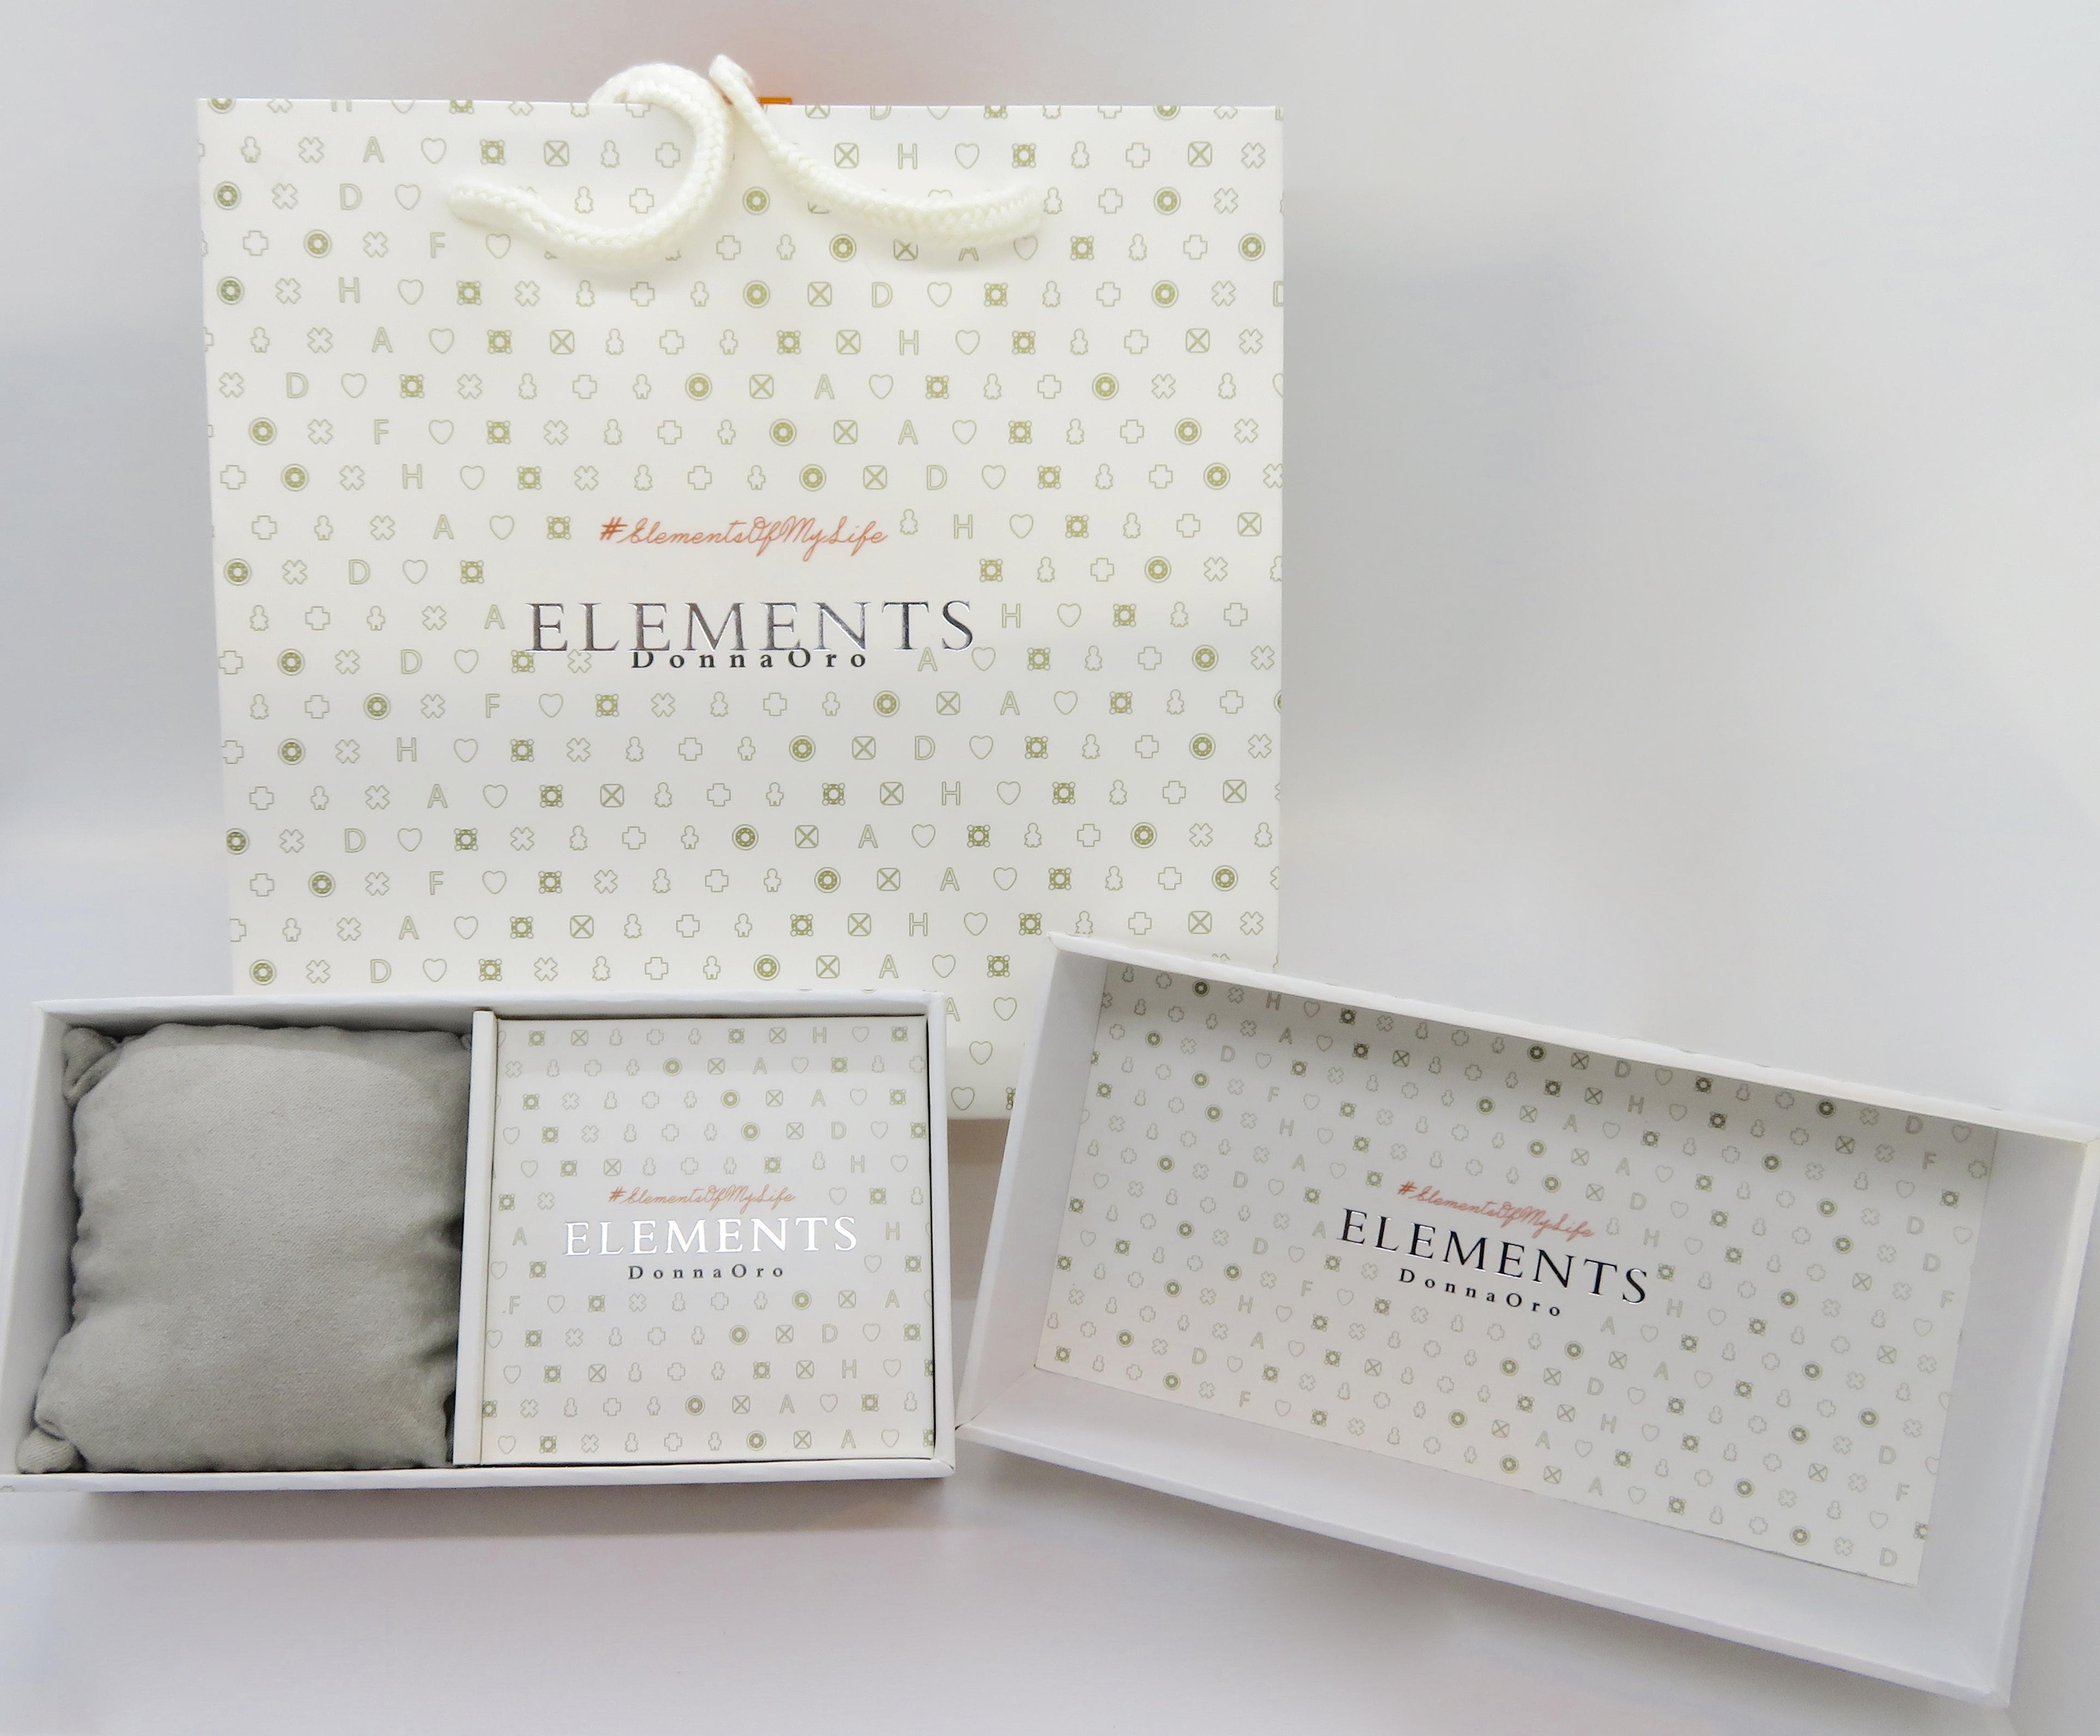 Bracciale Elements Donnaoro con elemento Navette Oro bianco e diamanti